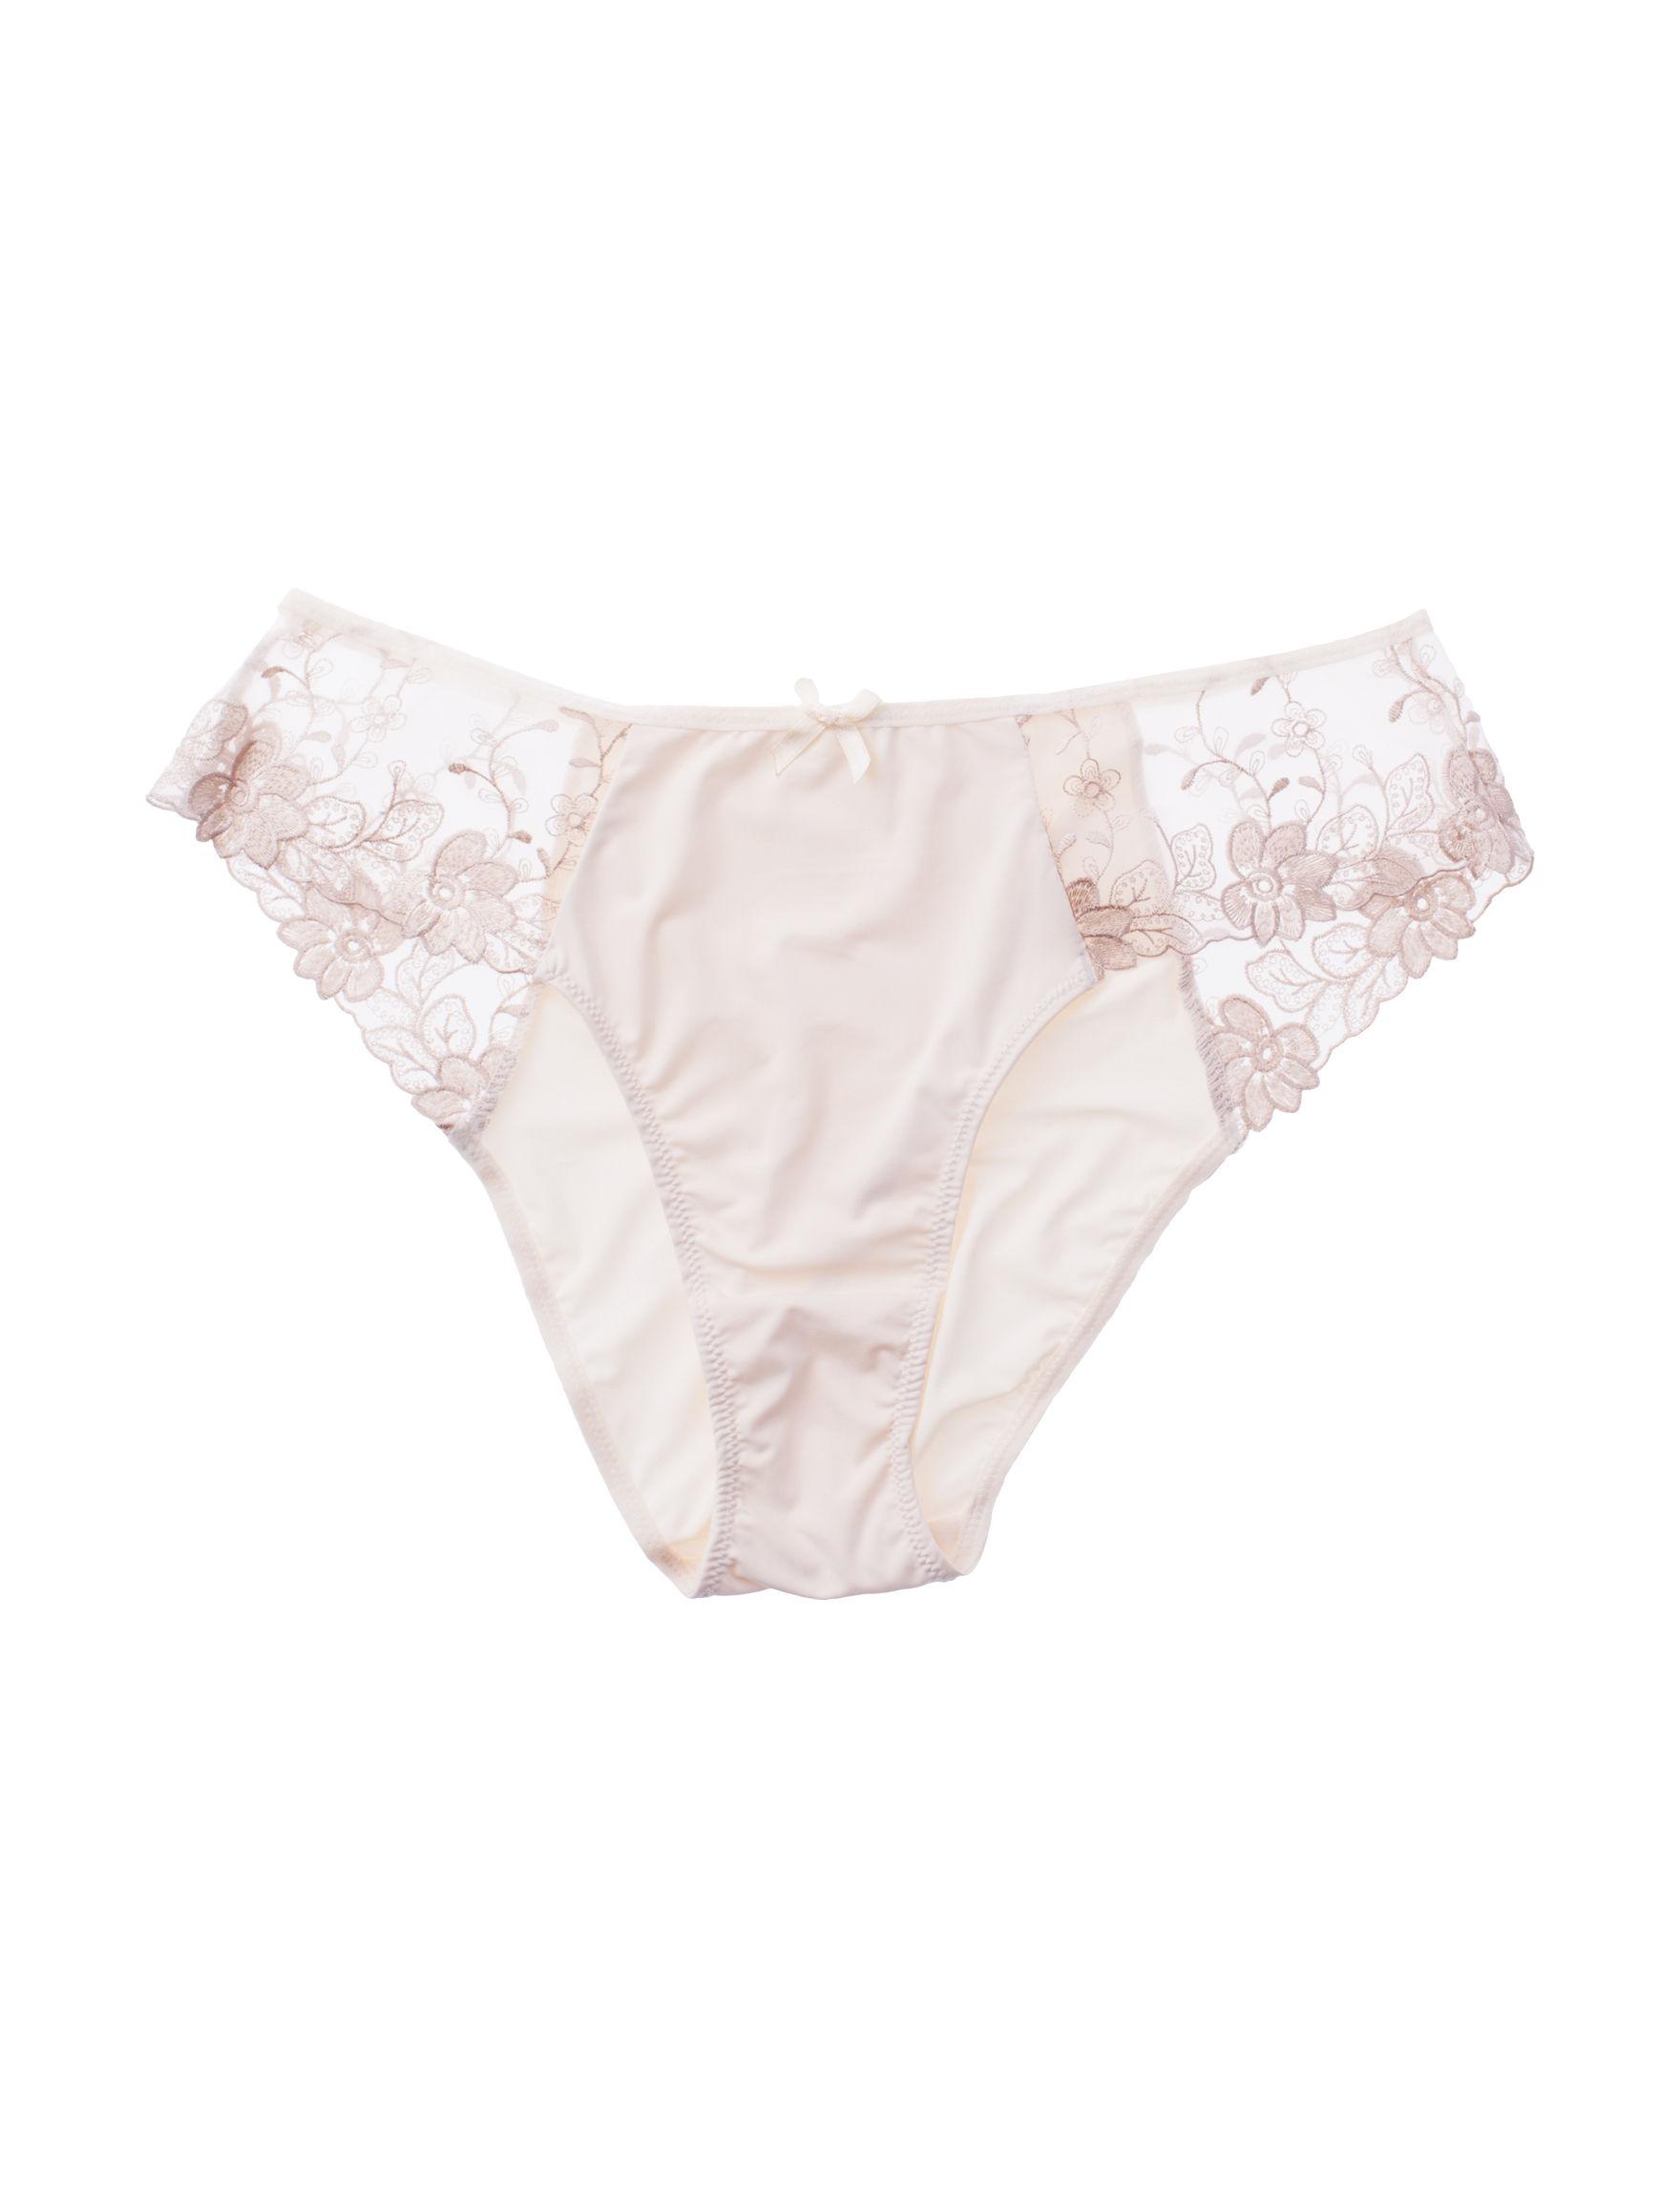 Rene Rofe Cream Panties High Cut